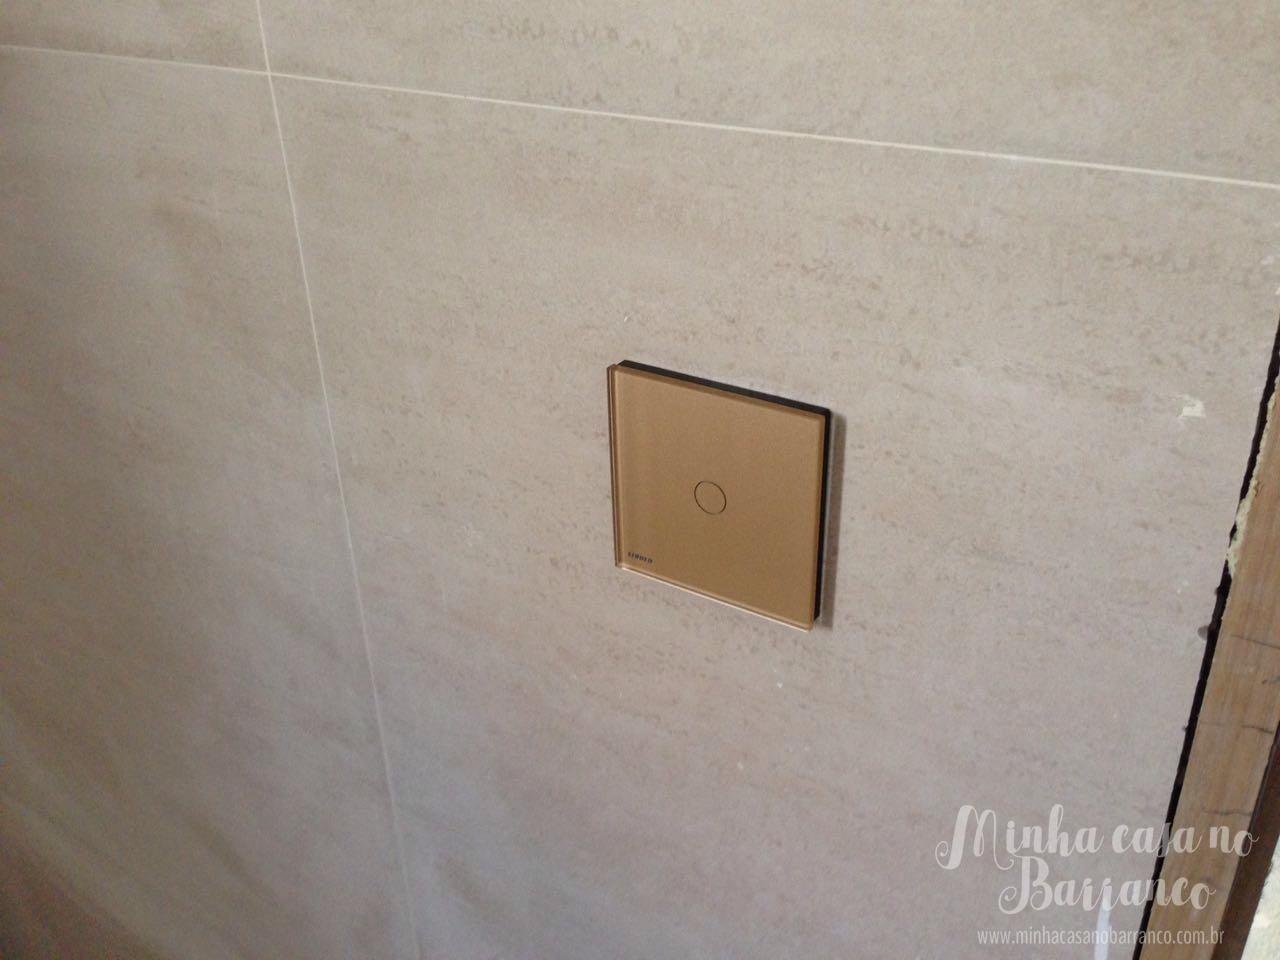 Imagens de #7E664D Banheiro do Teodoro coloquei este dourado. Combinou com o porcelanato  1280x960 px 2776 Box Banheiro Nh